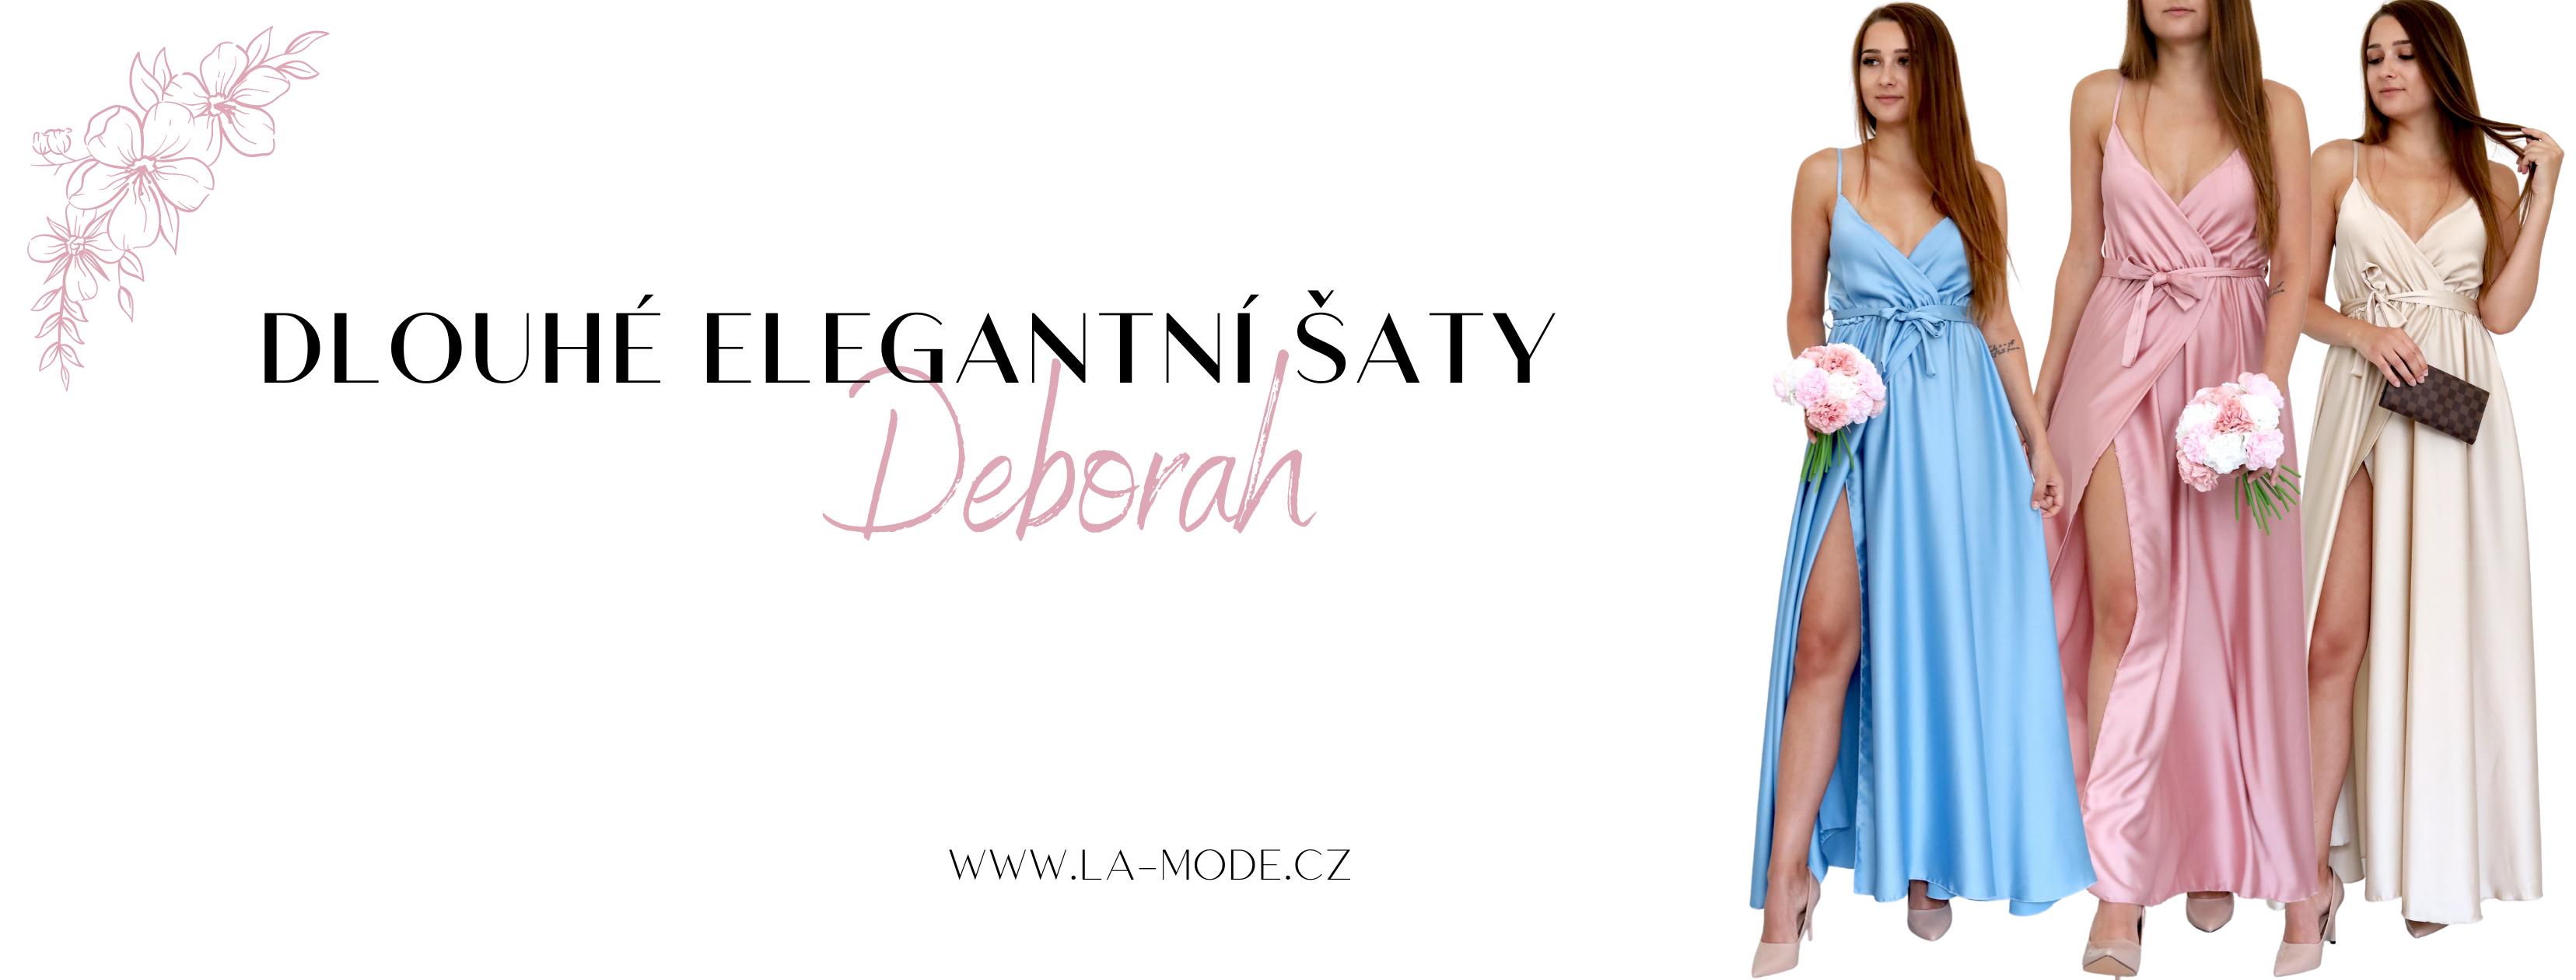 Dlouhé šaty Deborah